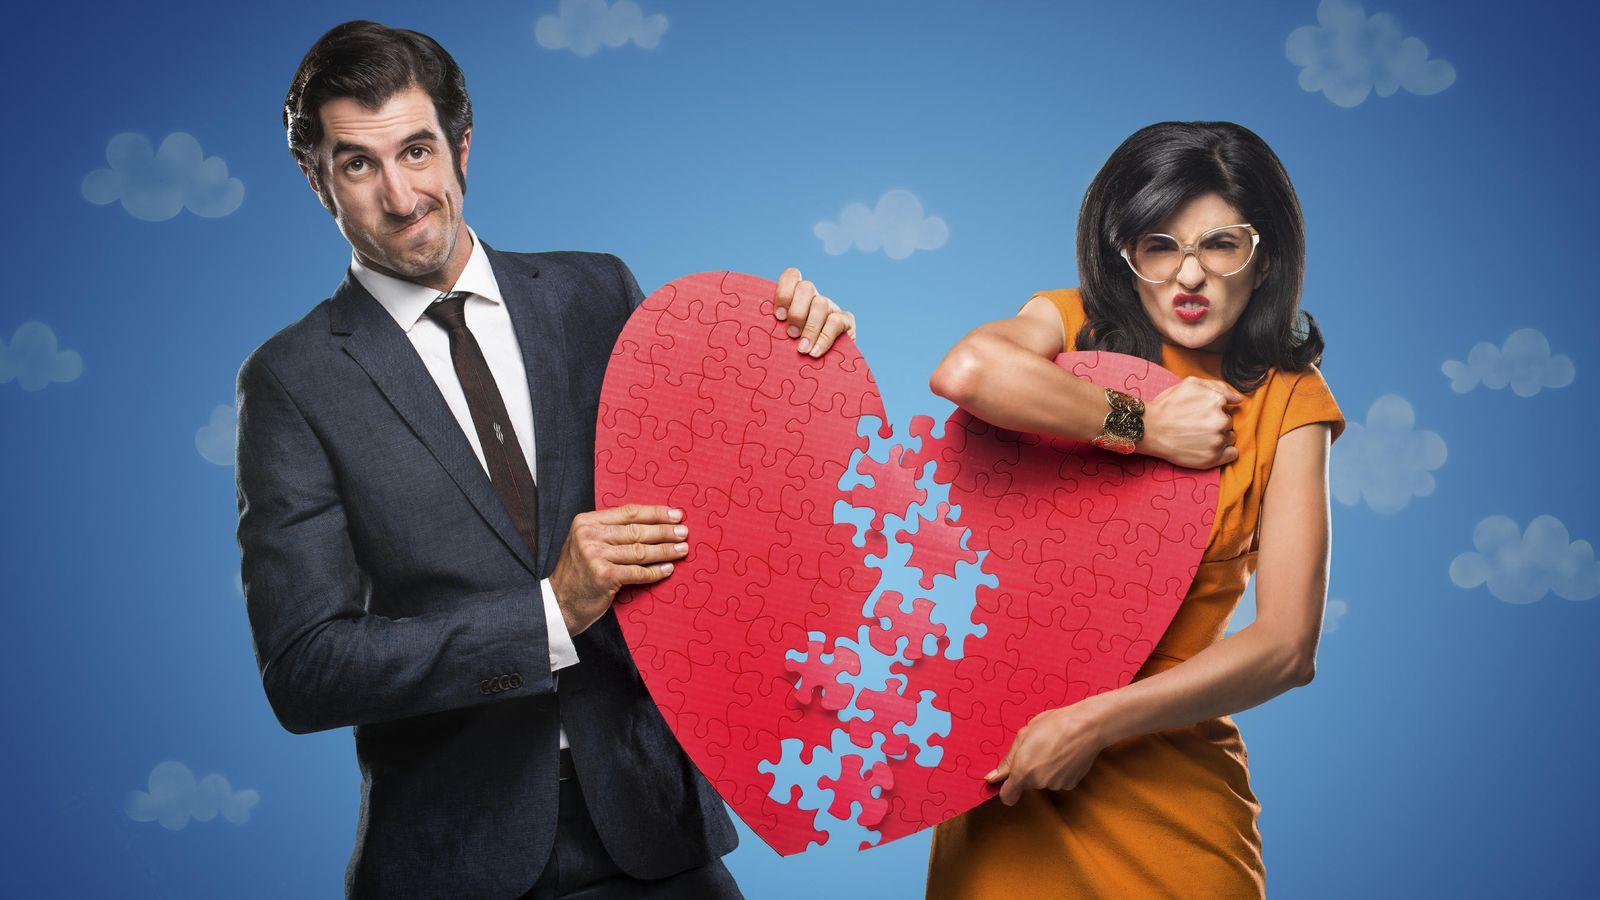 Encontrarme a alguien del trabajo con su pareja [PUNIQRANDLINE-(au-dating-names.txt) 56